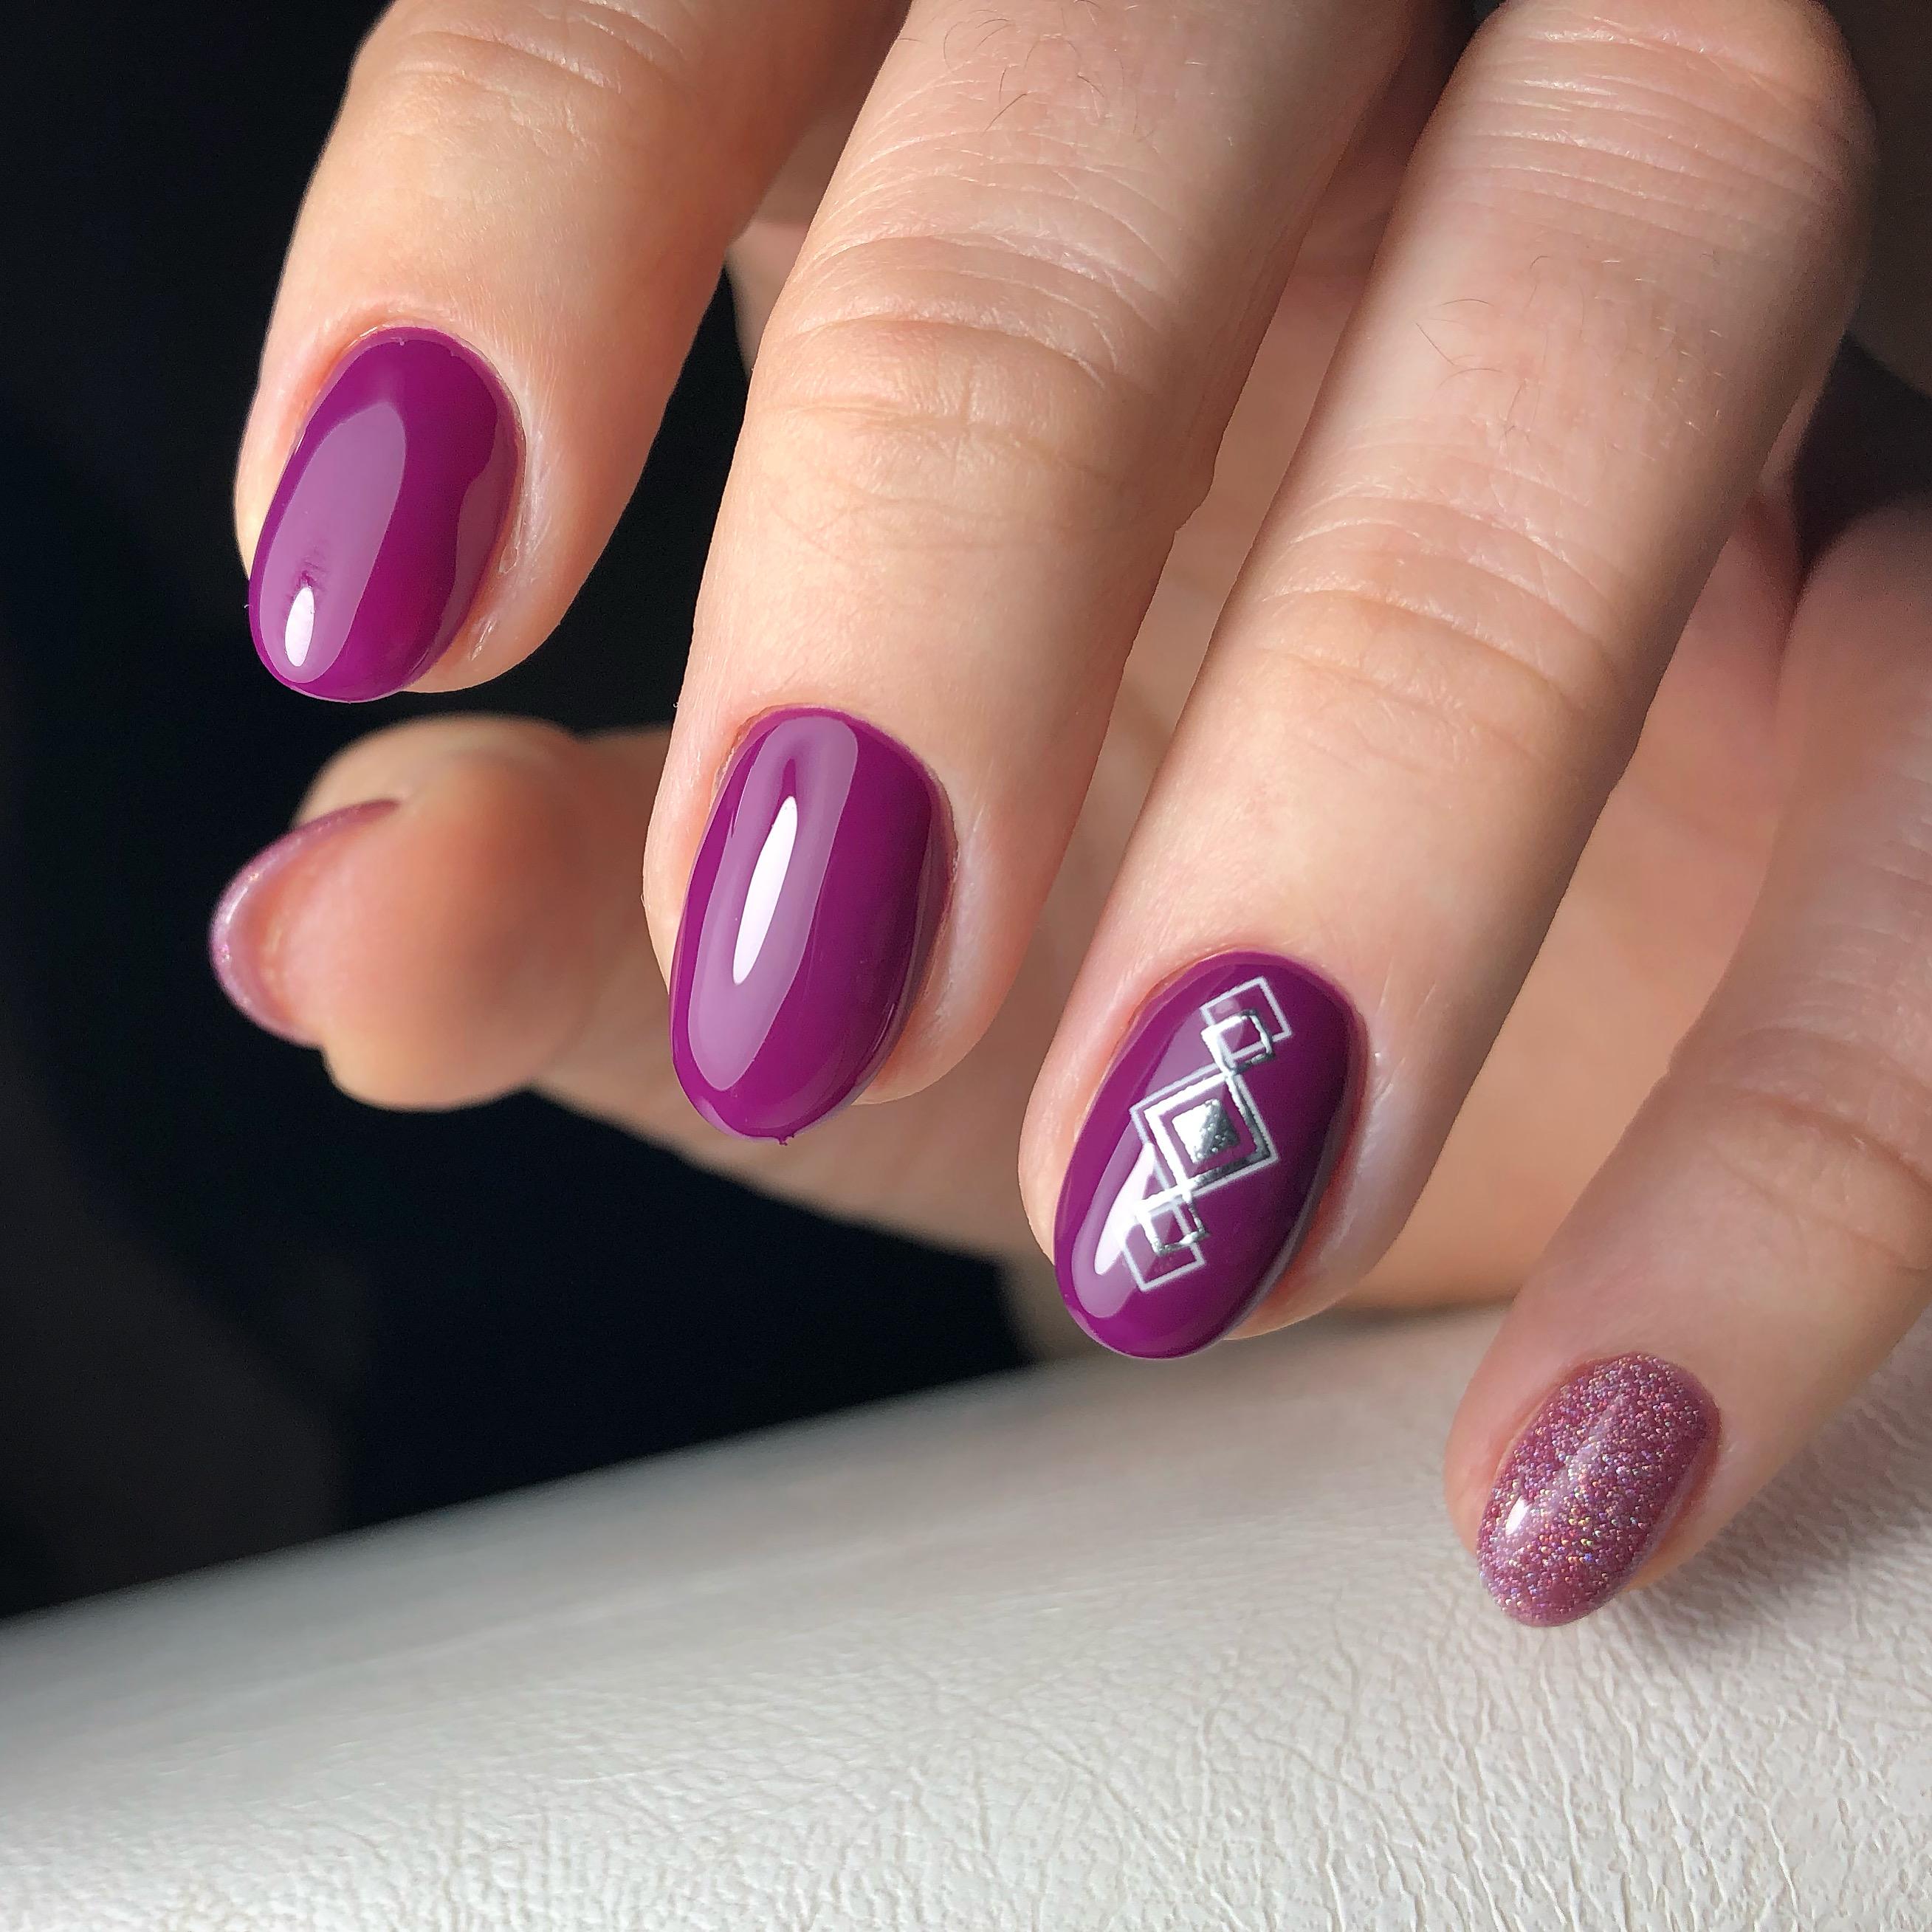 Маникюр с геометрическим слайдером и блестками в баклажановом цвете.